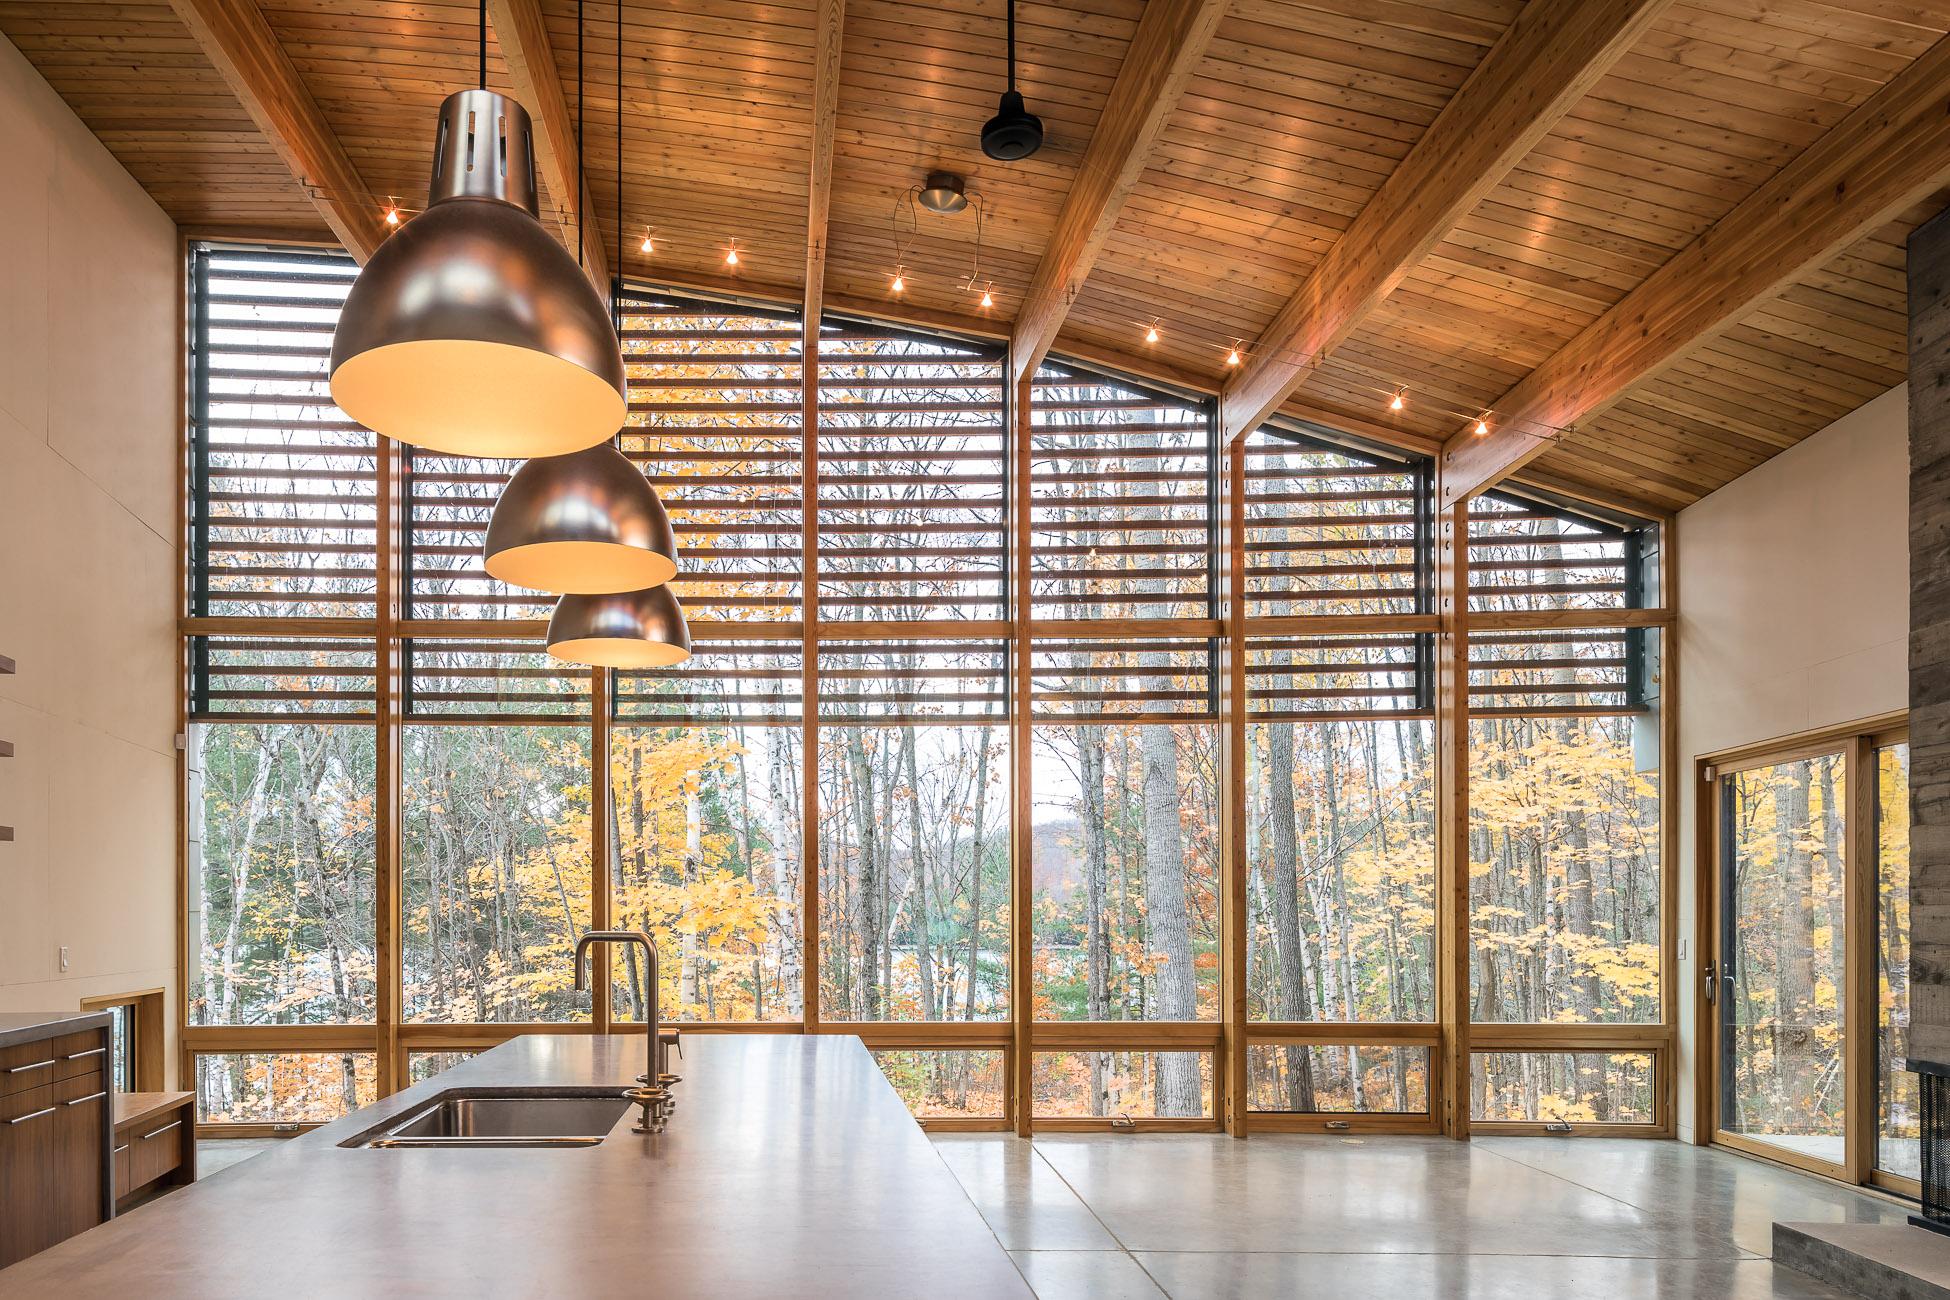 Oblong Lake Interior Kitchen 2